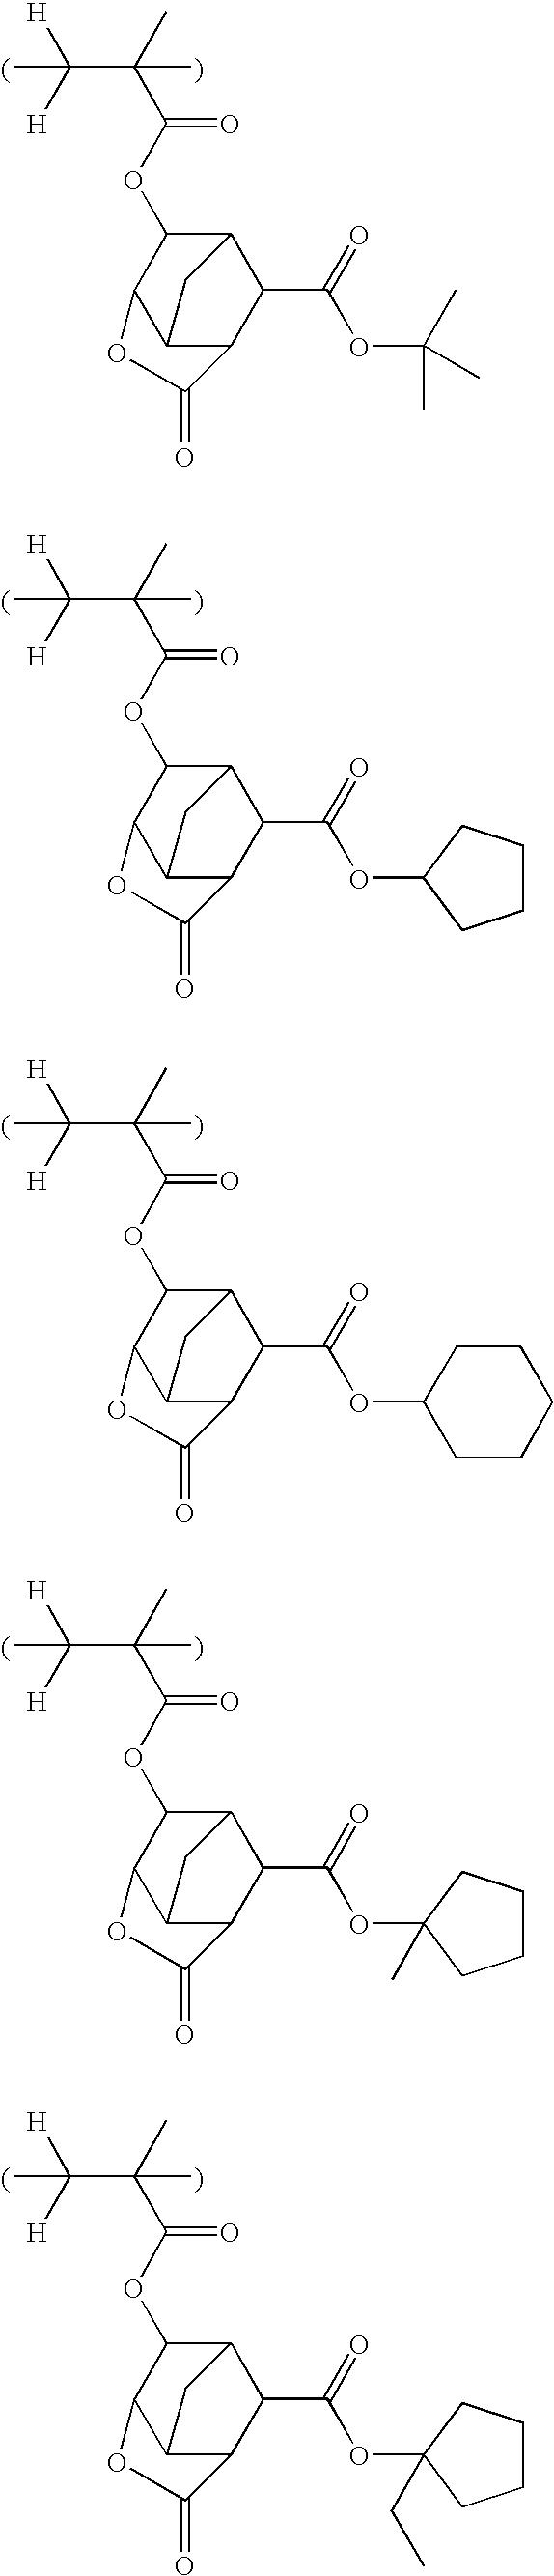 Figure US20090011365A1-20090108-C00057